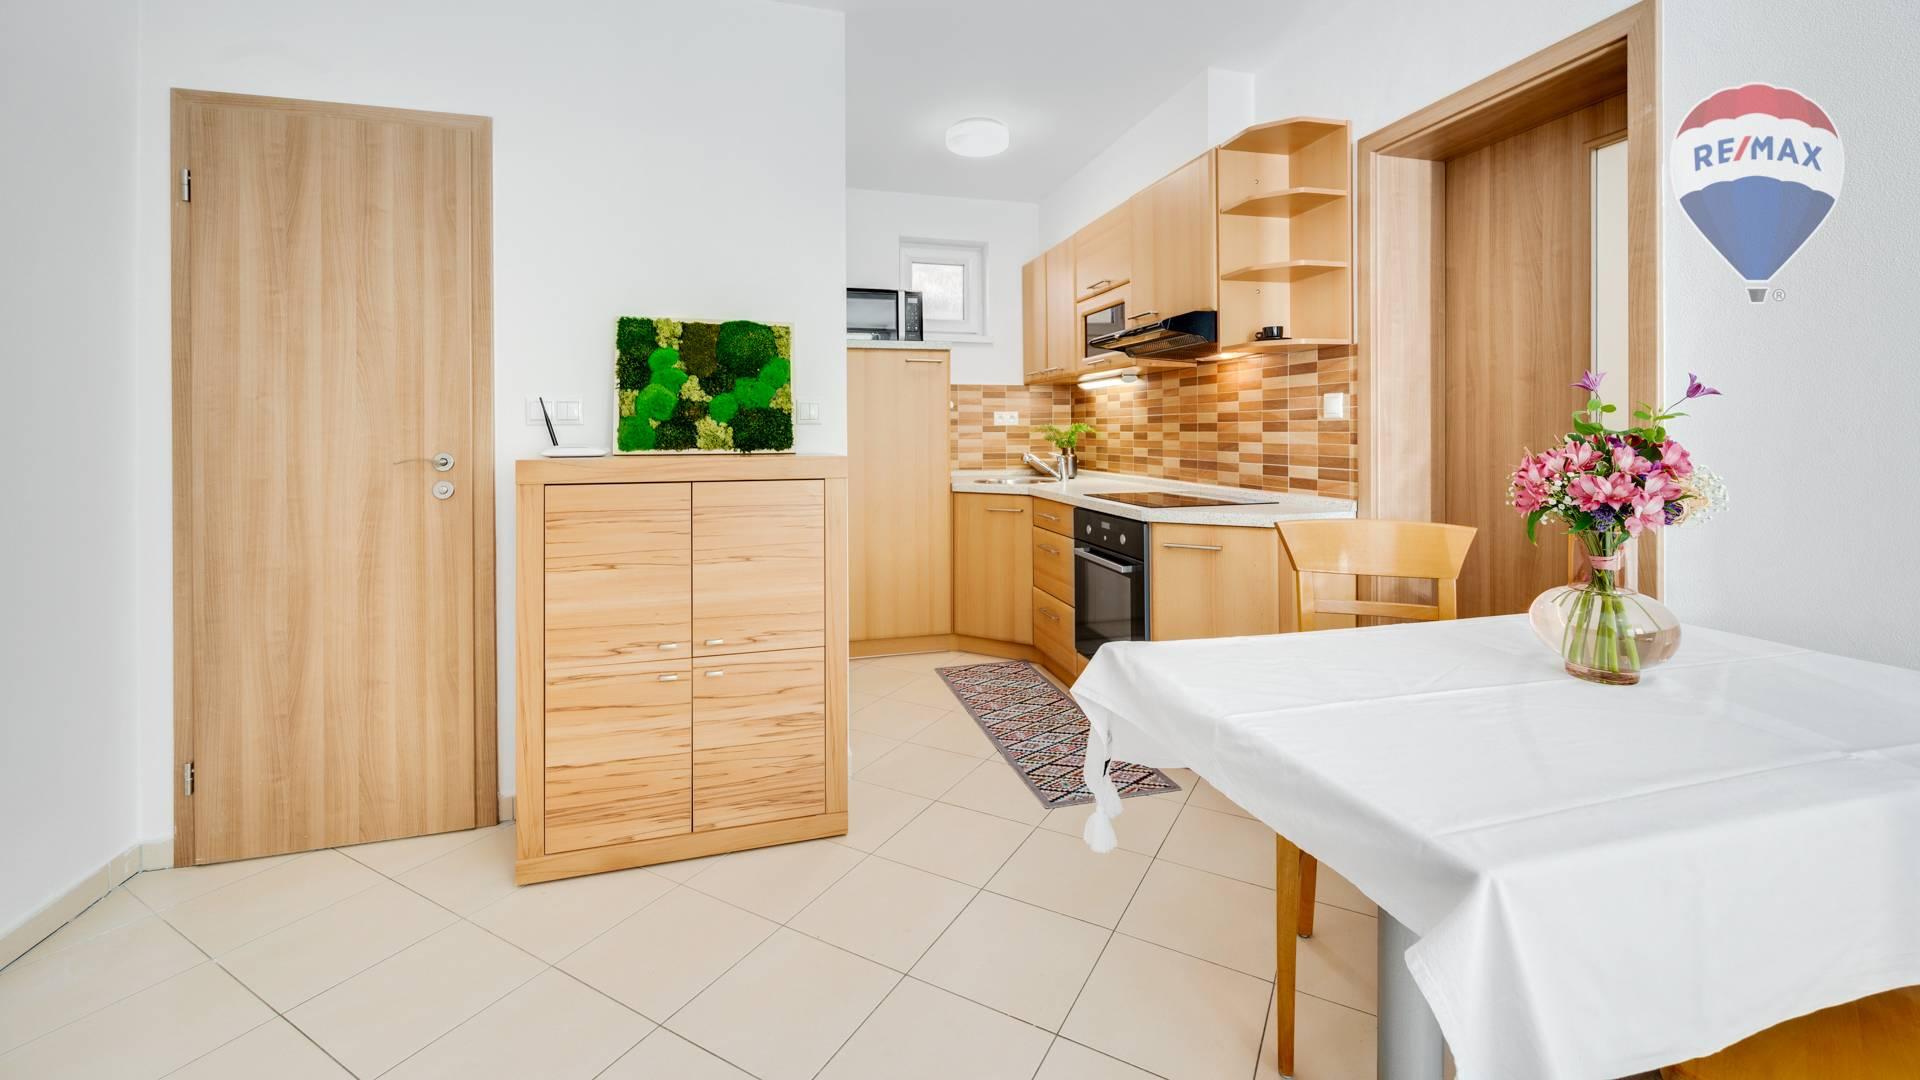 Útulný 2 izbový byt na prenájom, Rusovce, BA